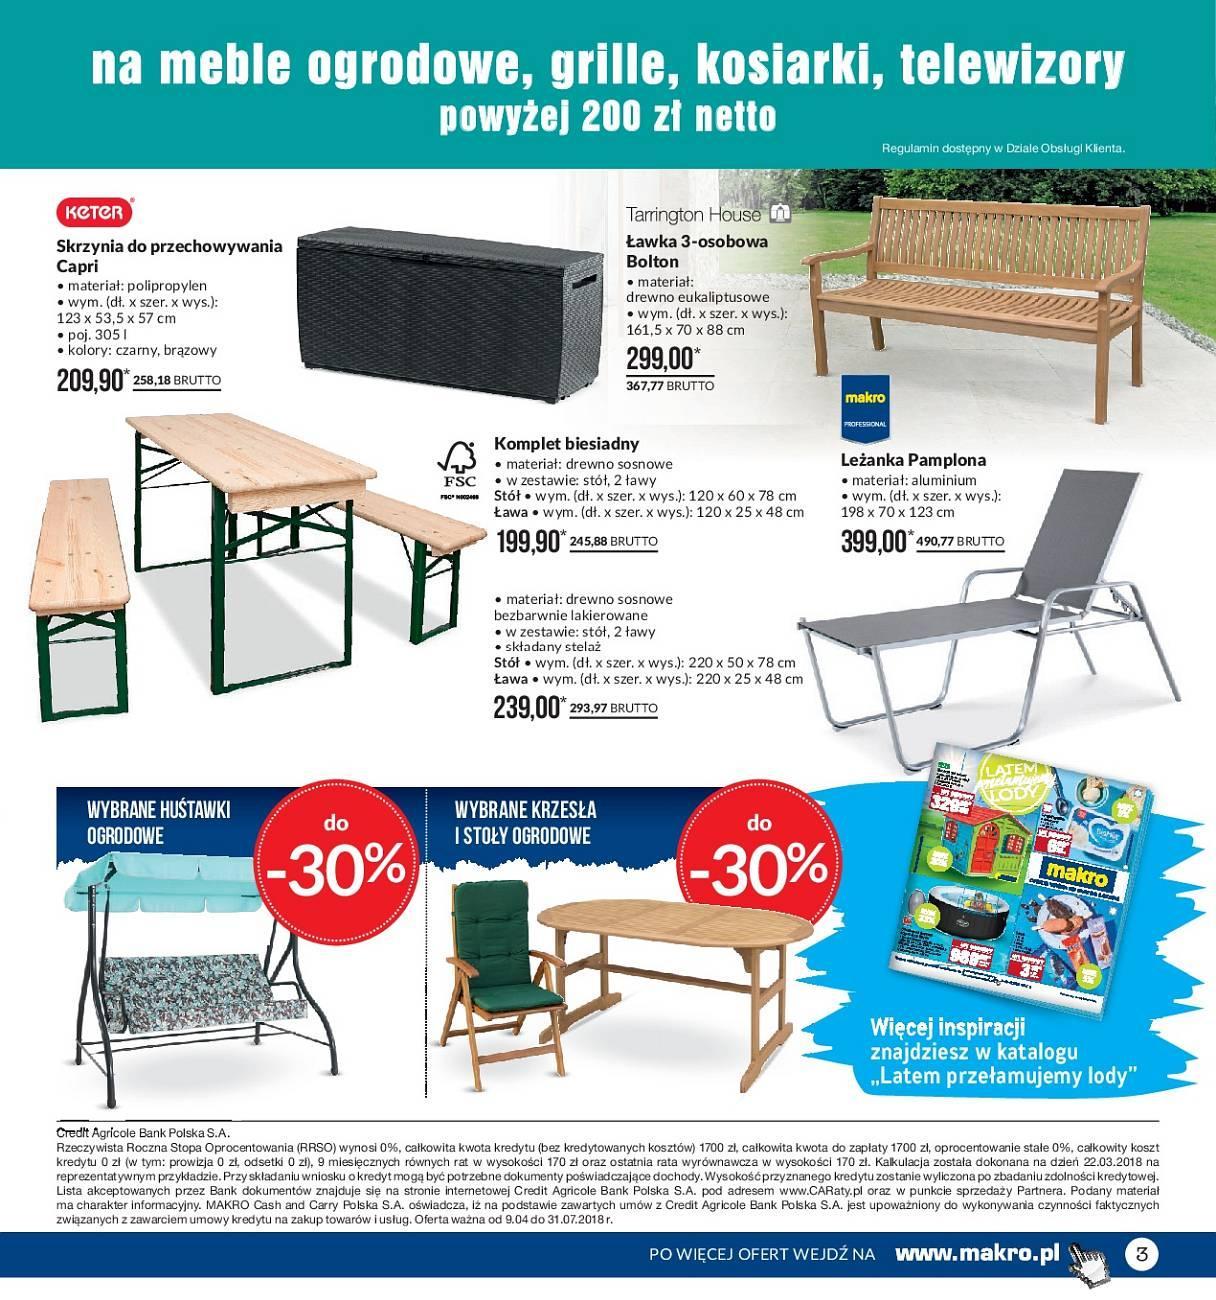 Gazetka promocyjna MAKRO do 02/07/2018 str.2